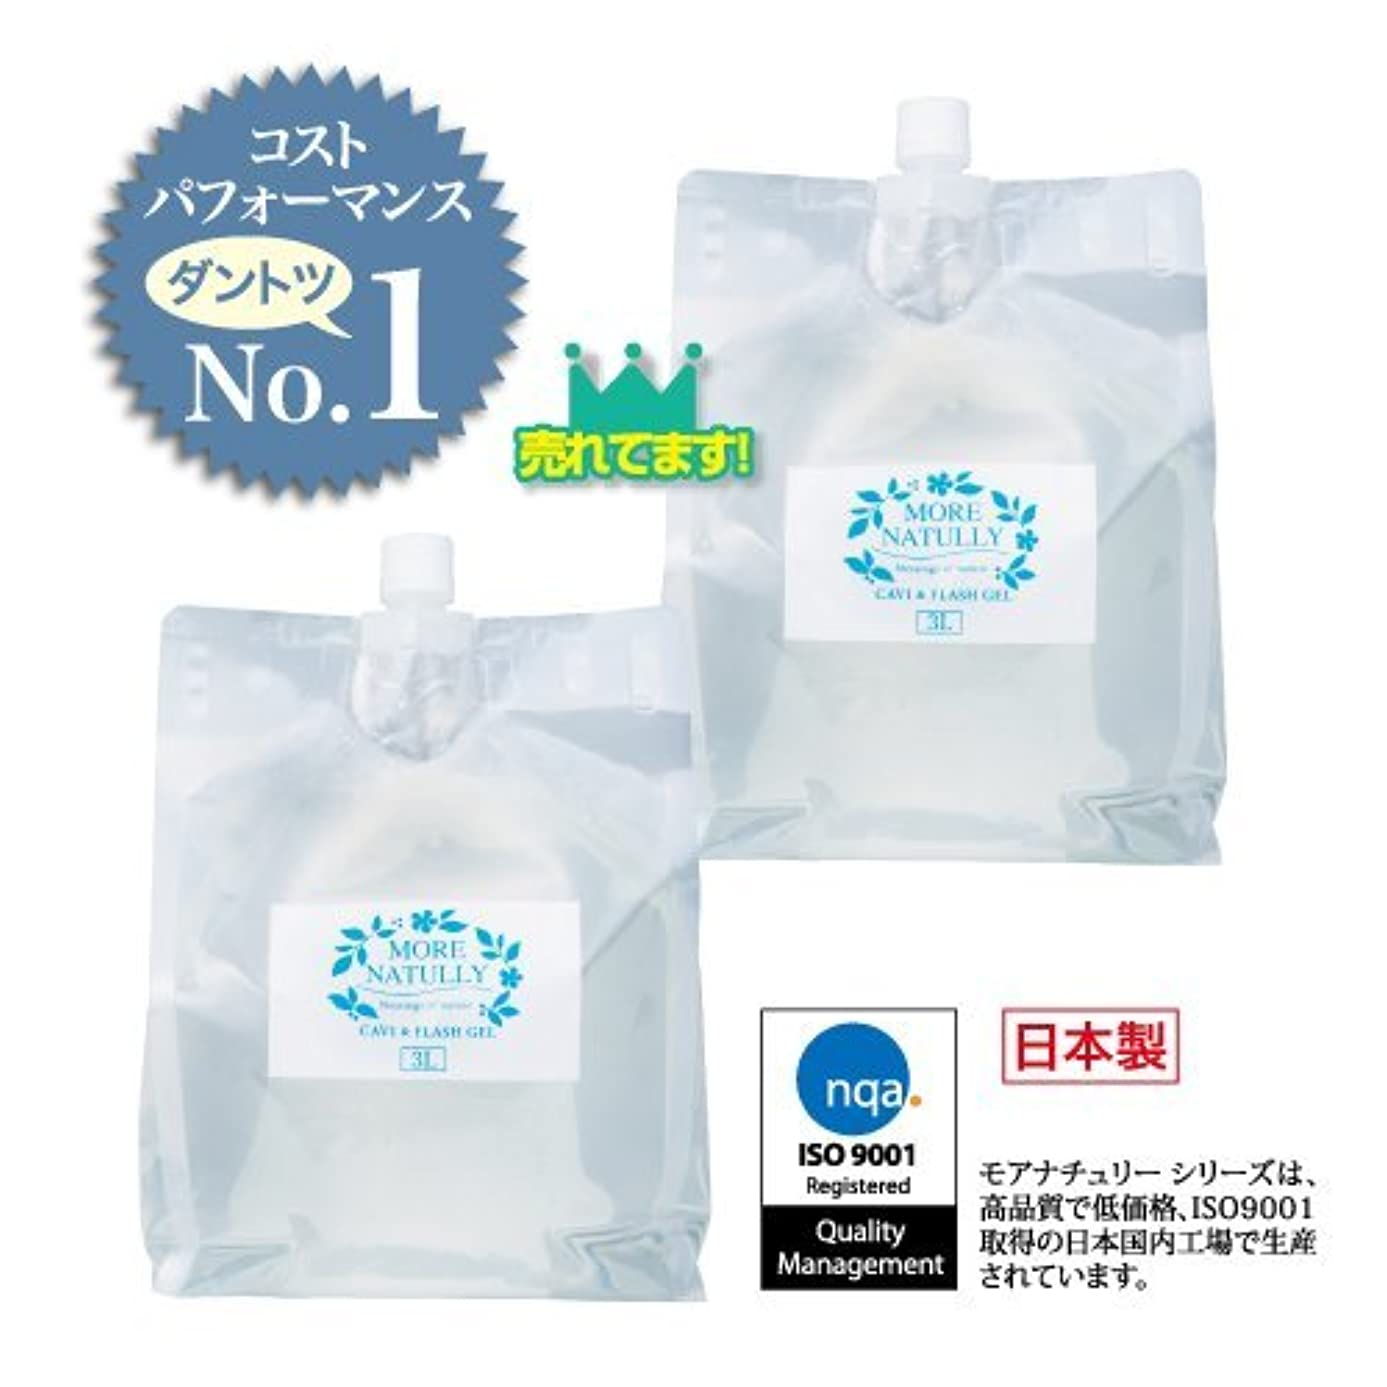 感情以降暴徒モアナチュリー キャビ&フラッシュジェル 【ソフト】3kg×2袋